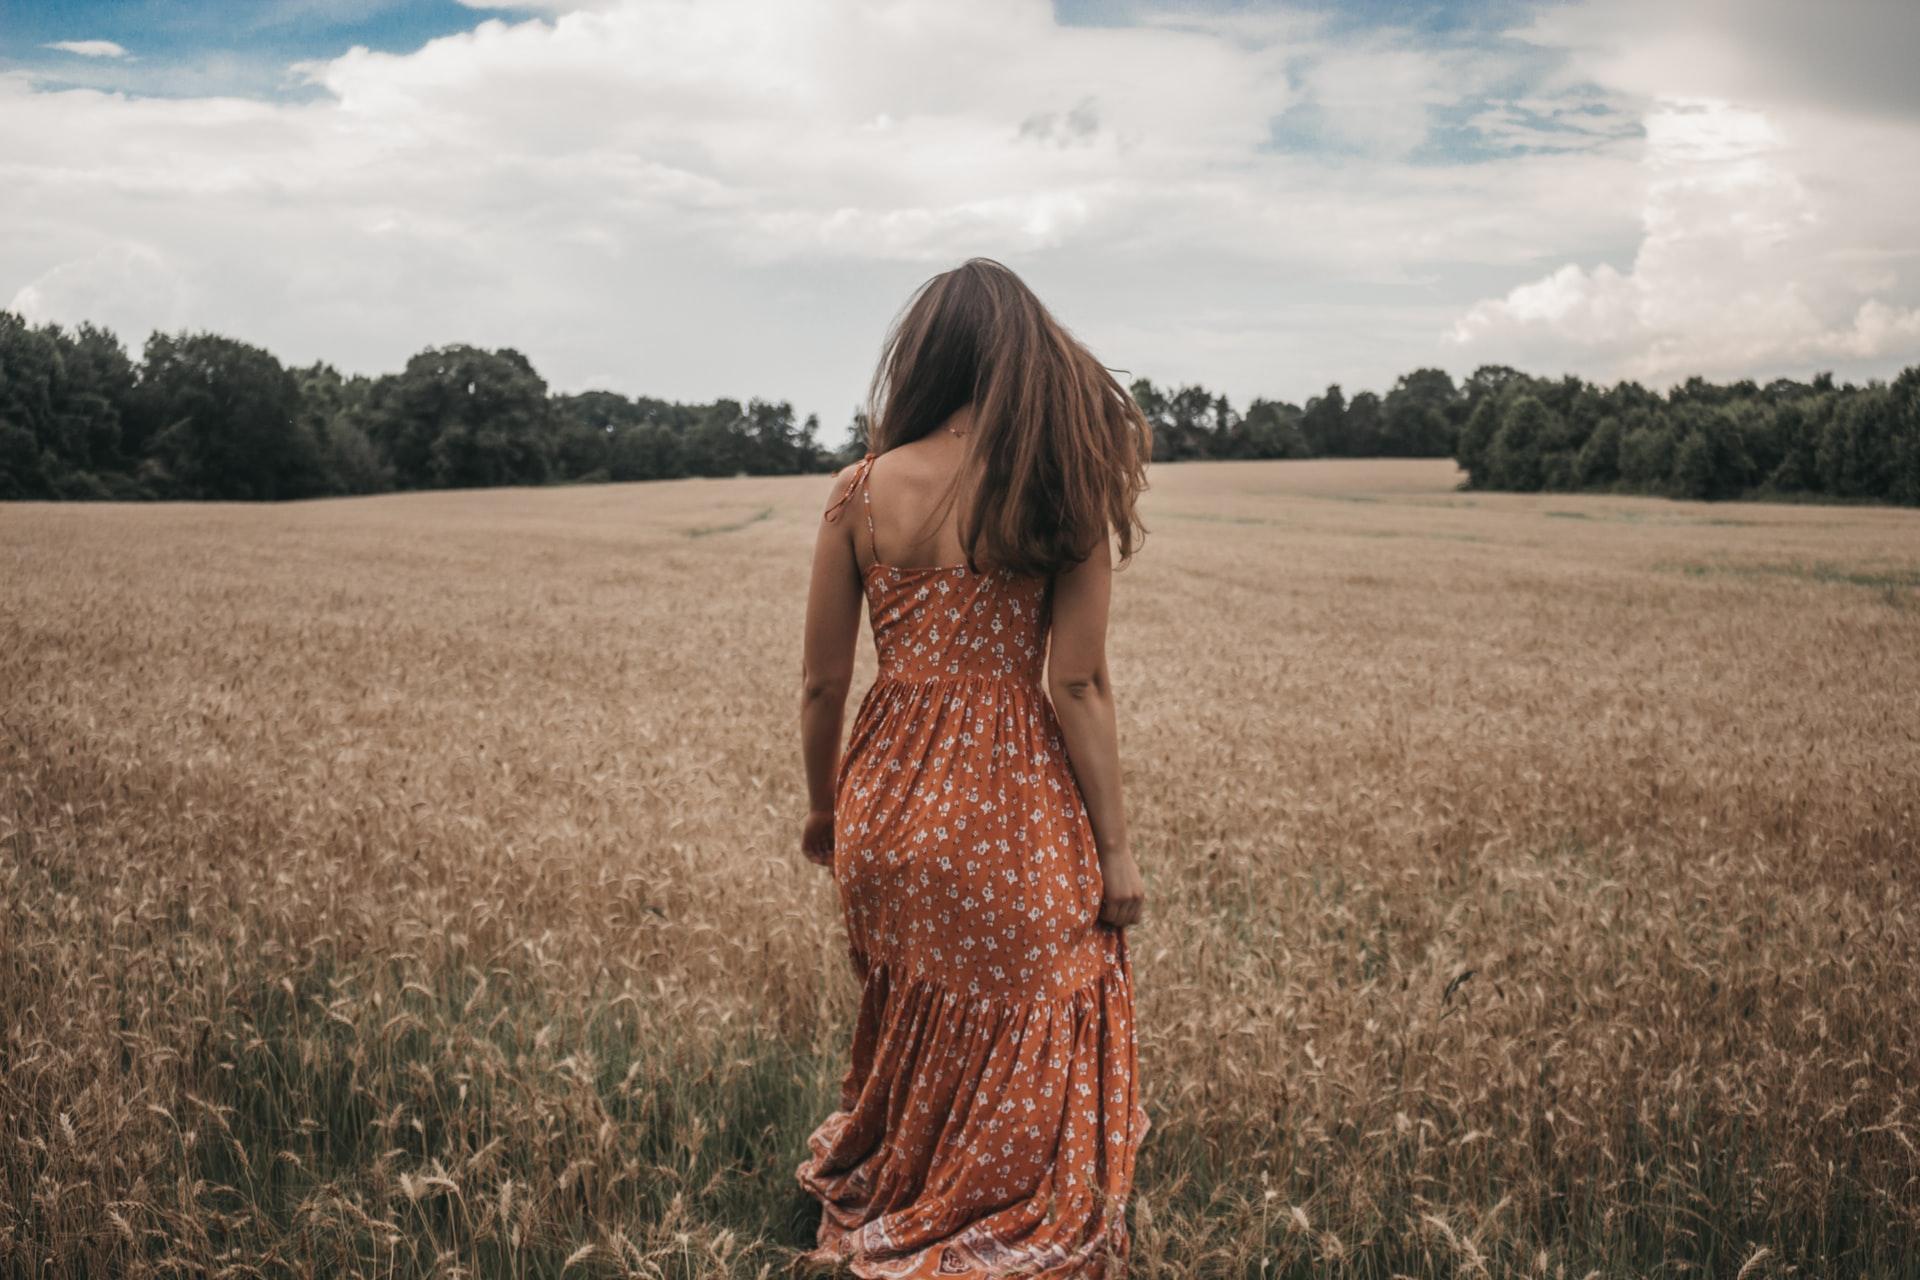 Πώς να επιλέξουμε το φόρεμα που μας ταιριάζει